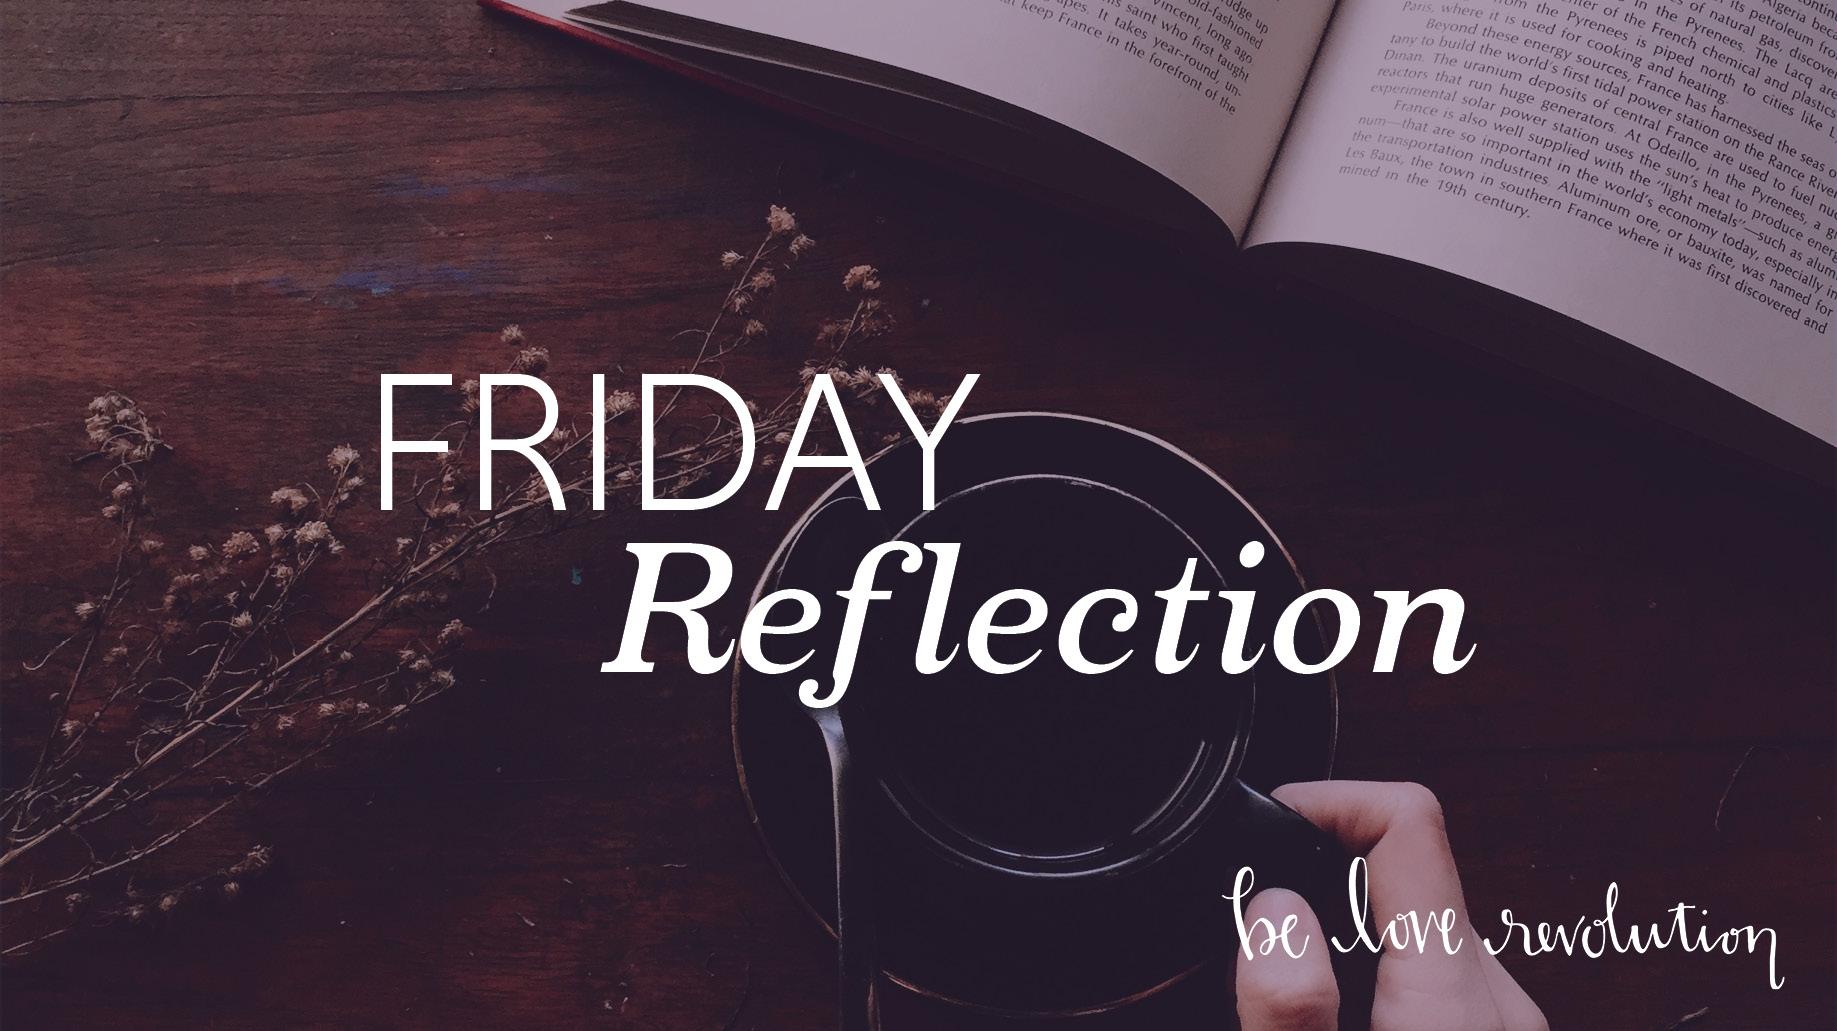 BeLoved_Lent_Friday Reflections97.jpg